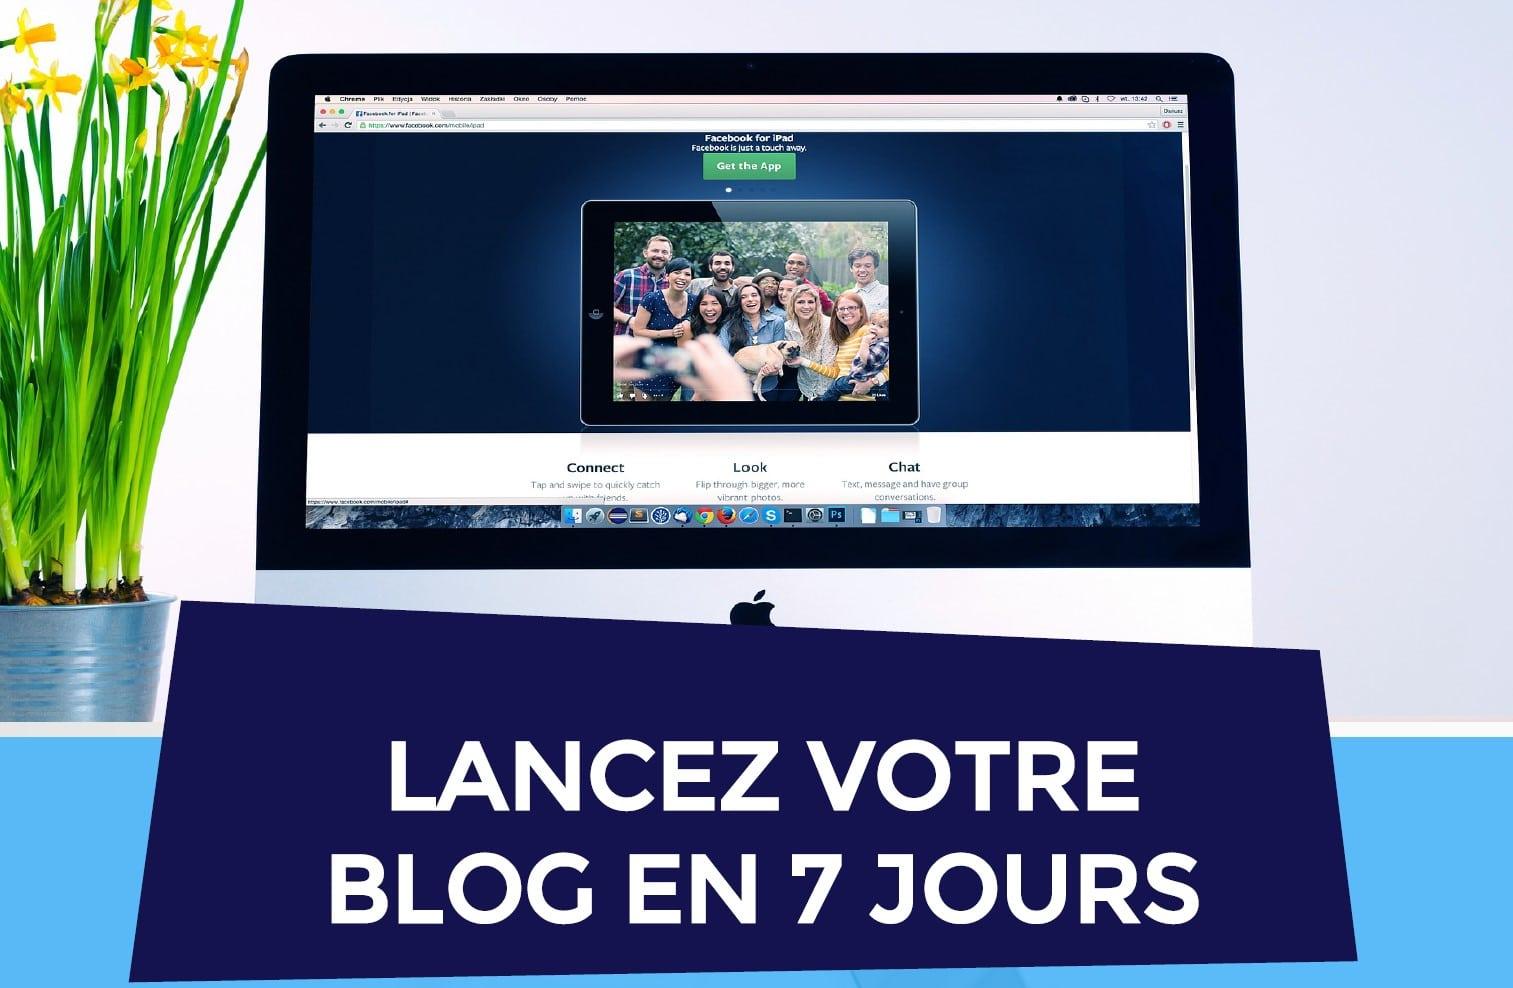 Lancez votre blog en 7 jours